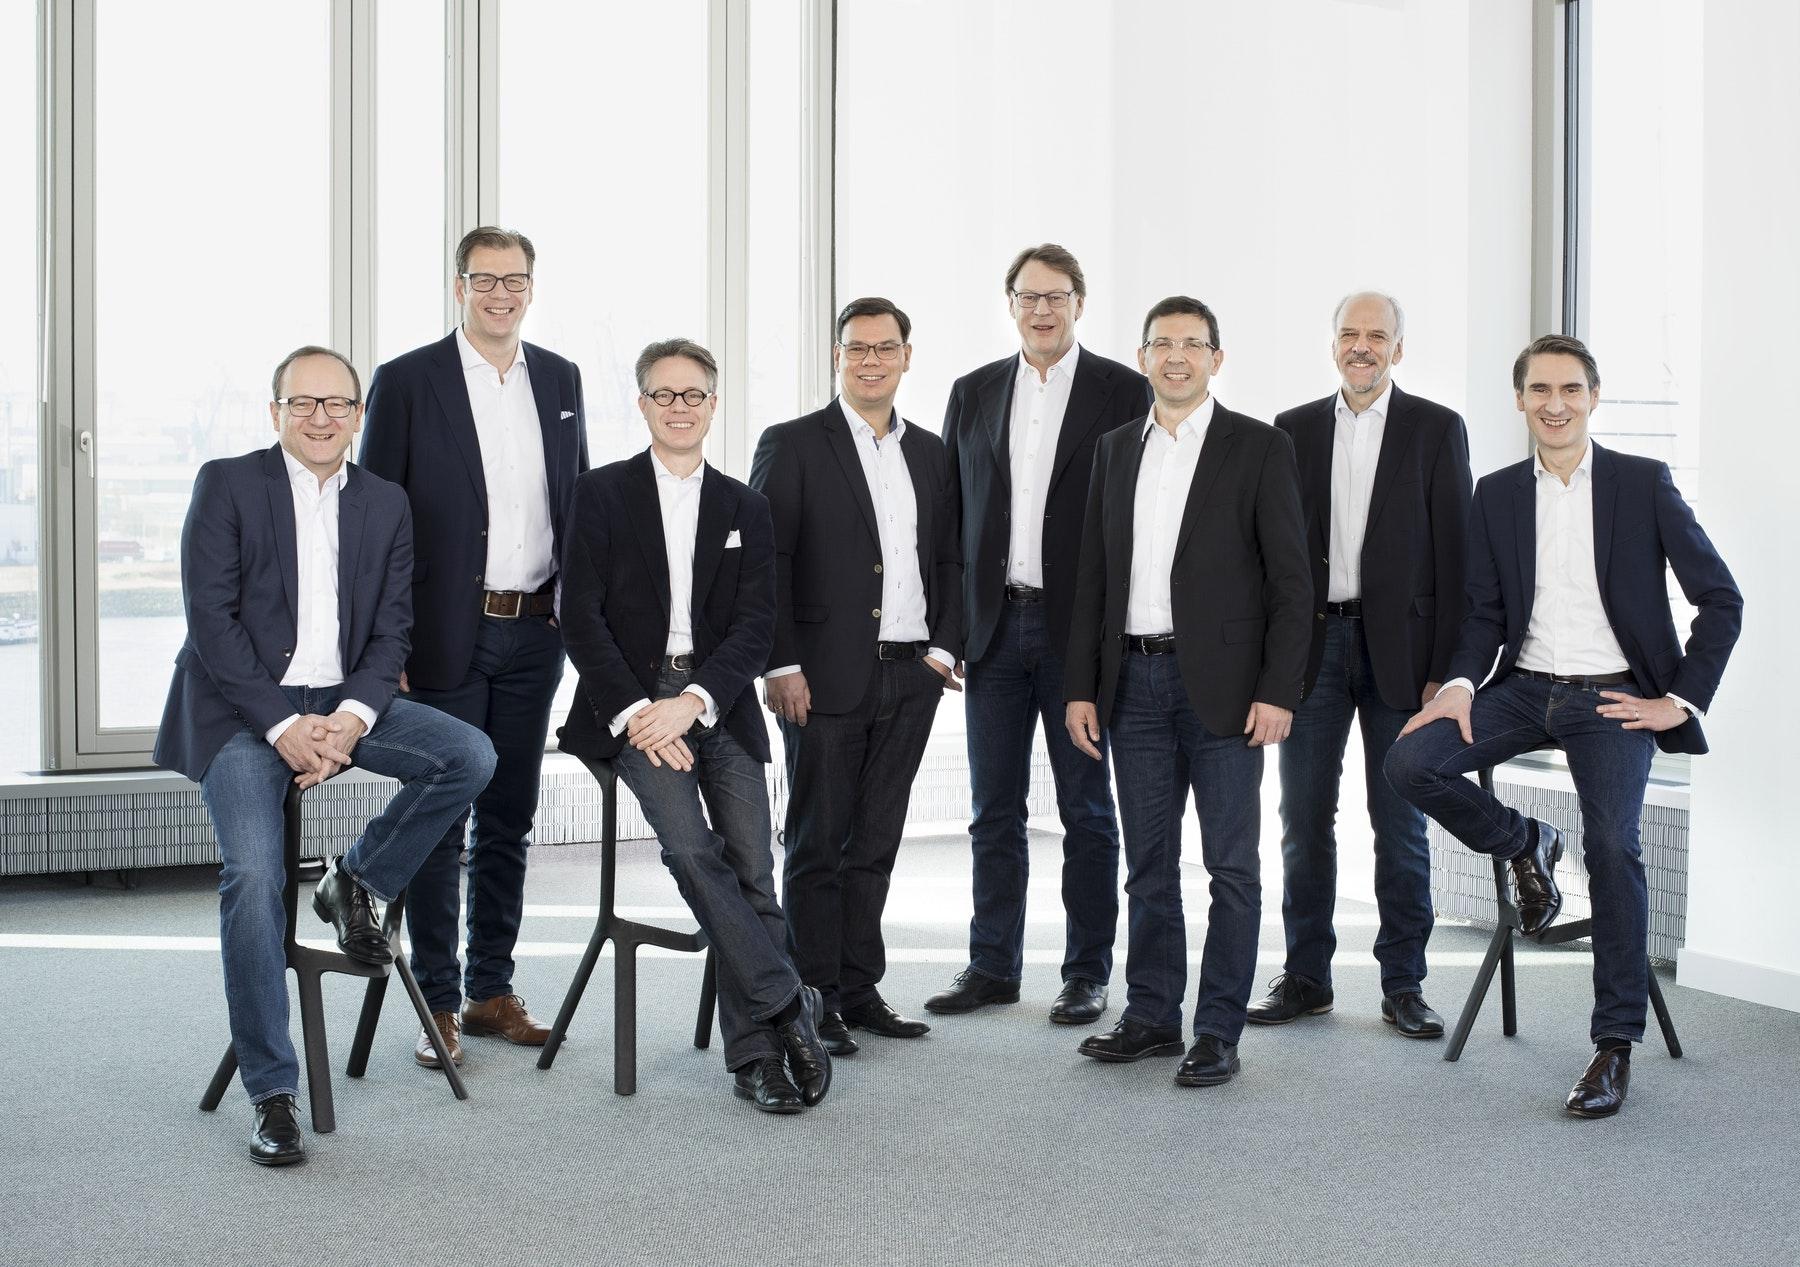 Die Geschäftsführung von WTM Engineers: Helmut Heiserer, Alexander Steffens, Thomas Schadow, Ulrich Jäppelt, Otto Wurzer, Stefan Ehmann, Hans Scholz, Dr.-Ing. Gerhard Zehetmaier (v.l.n.r.)